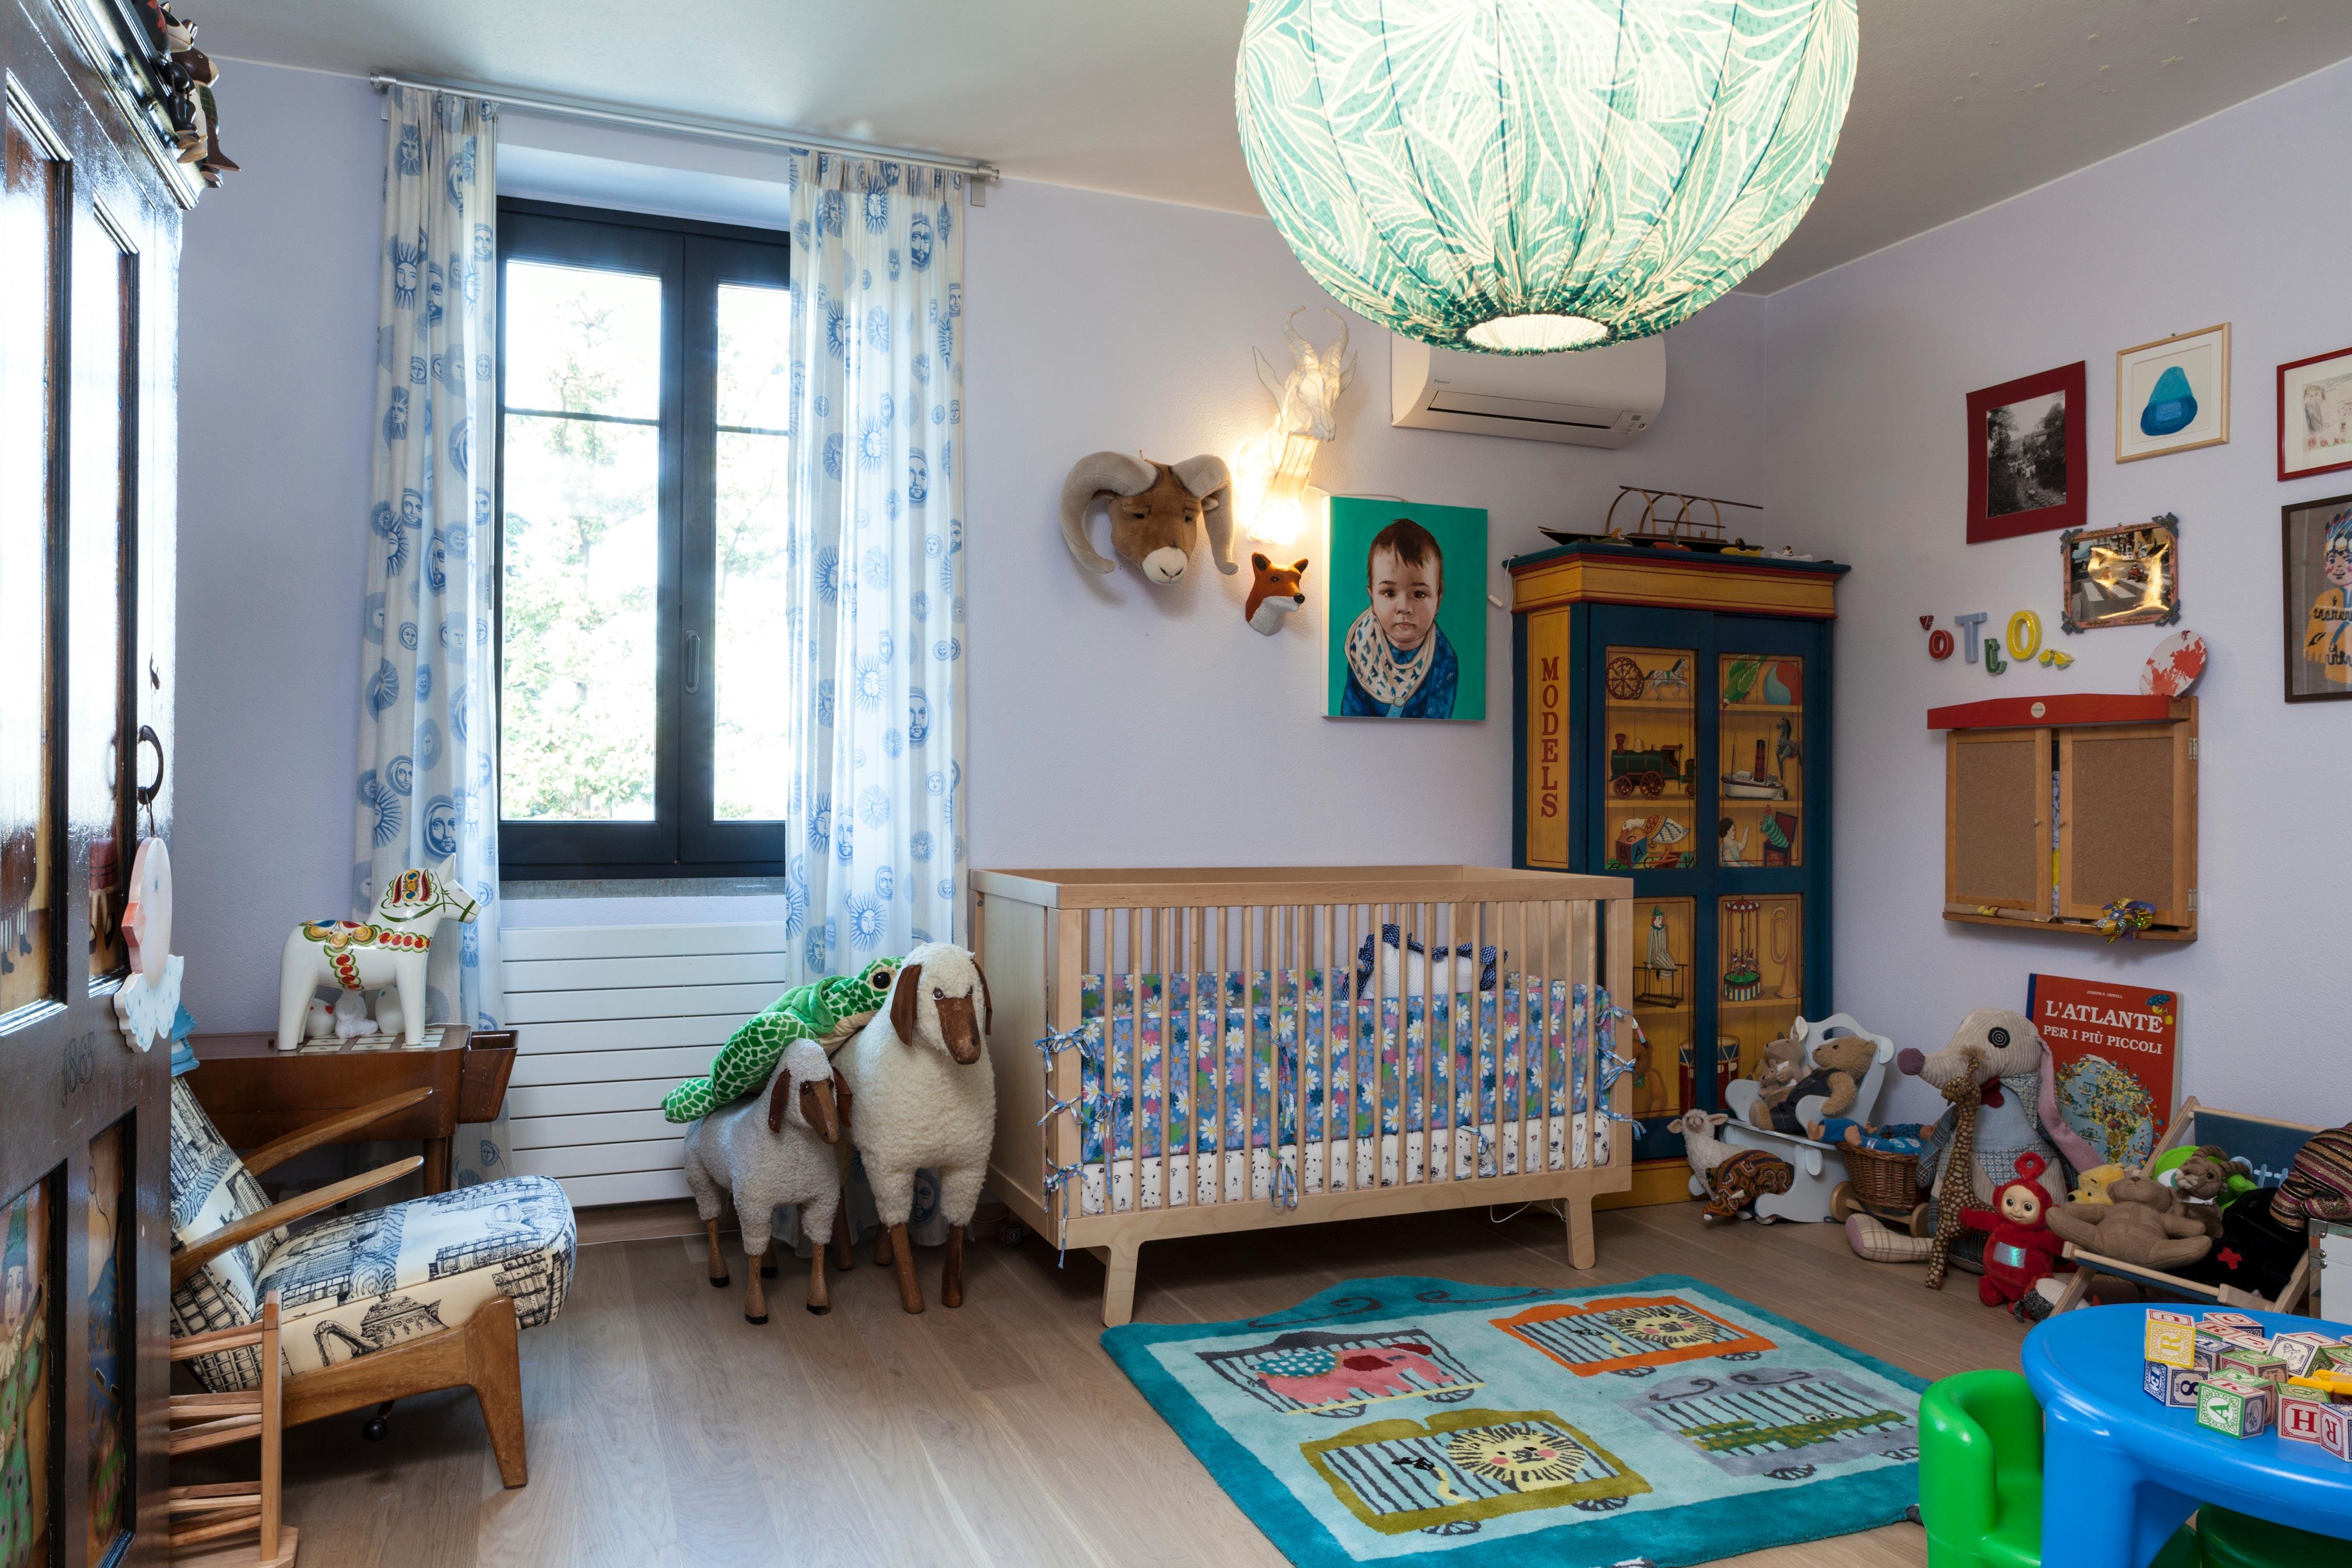 Habitación infantil en la casa de Margherita Missoni